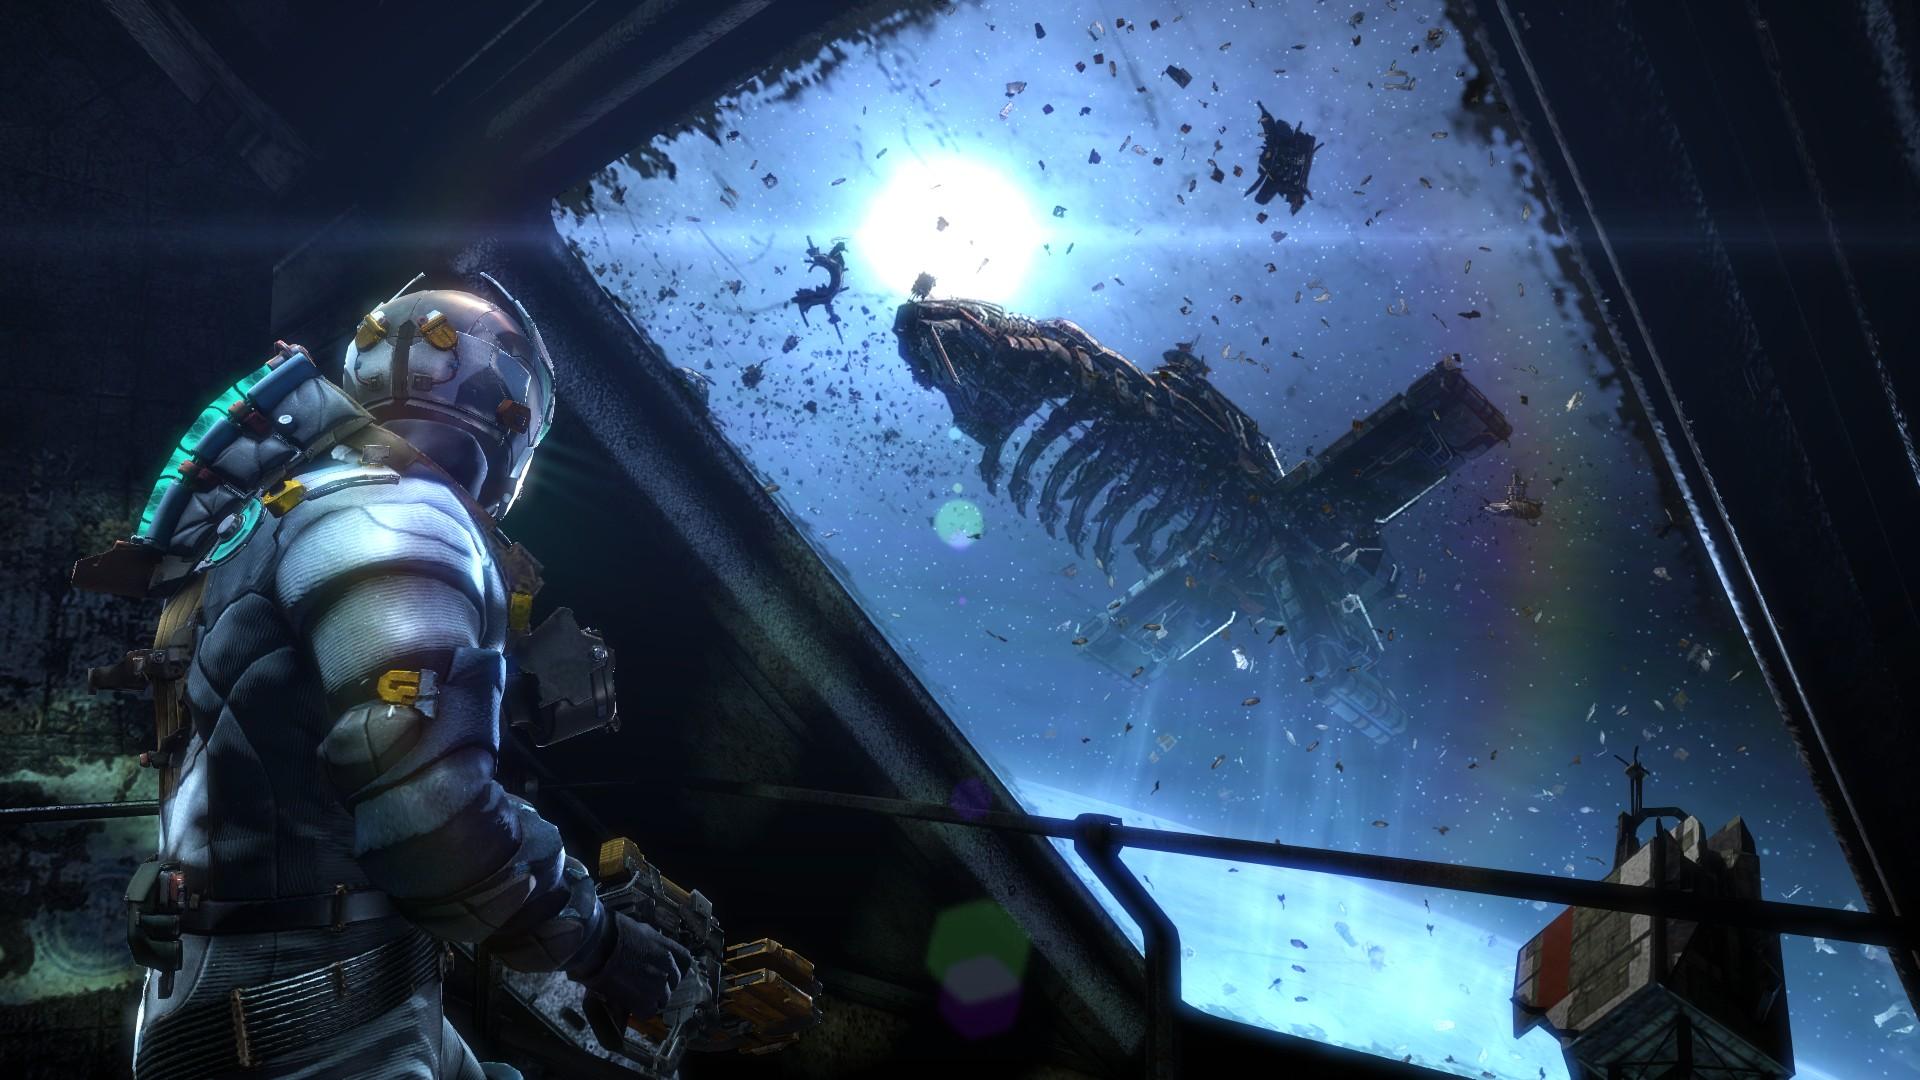 Первые инсайды оDead Space 4. Когда могут анонсировать игру